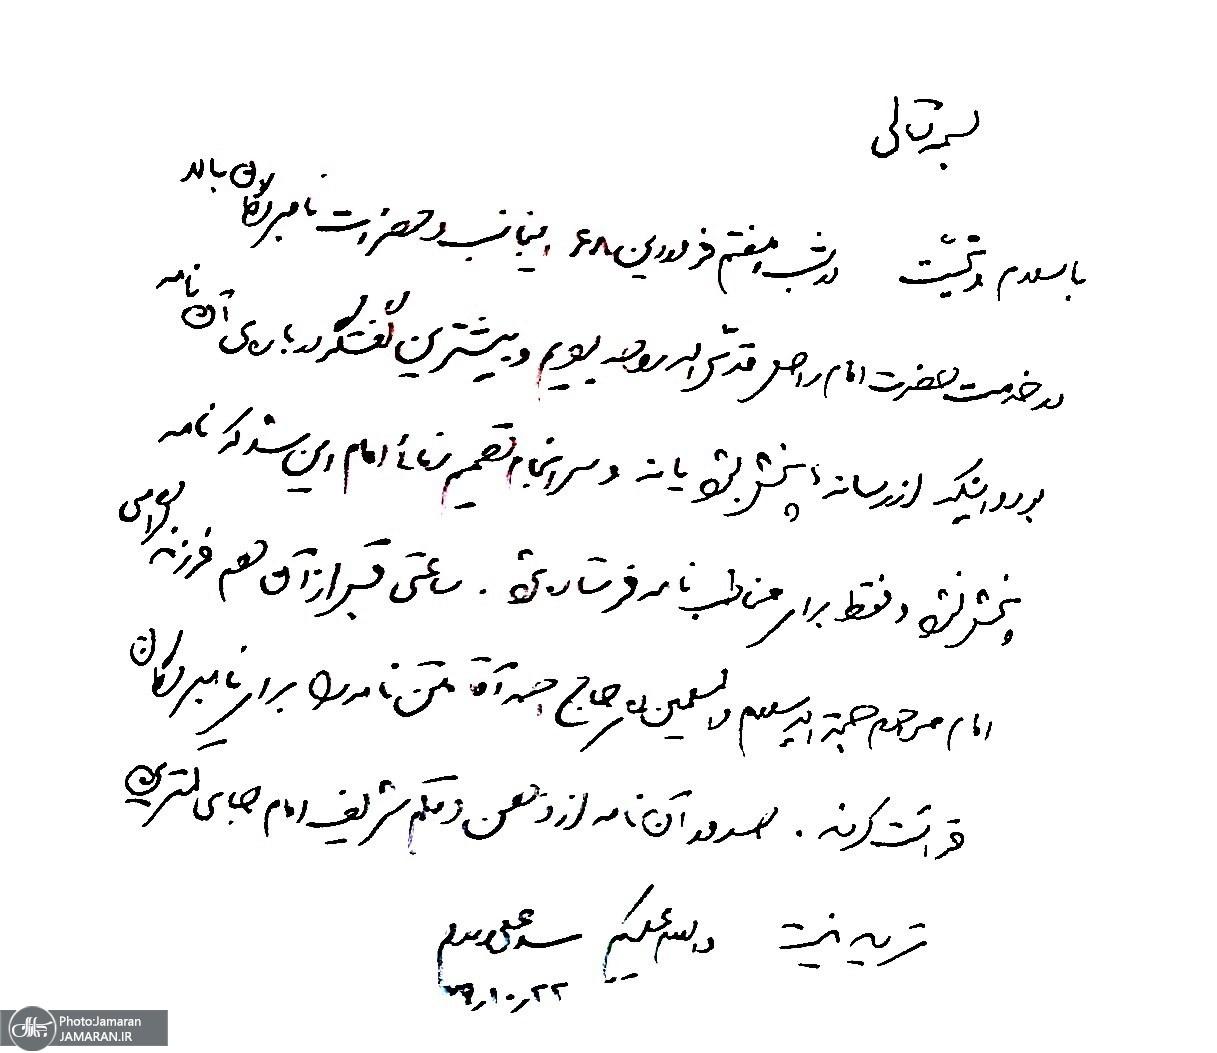 پاسخ انصاری به ادعای مطهری در خصوص دو نامه امام خمینی (ره)